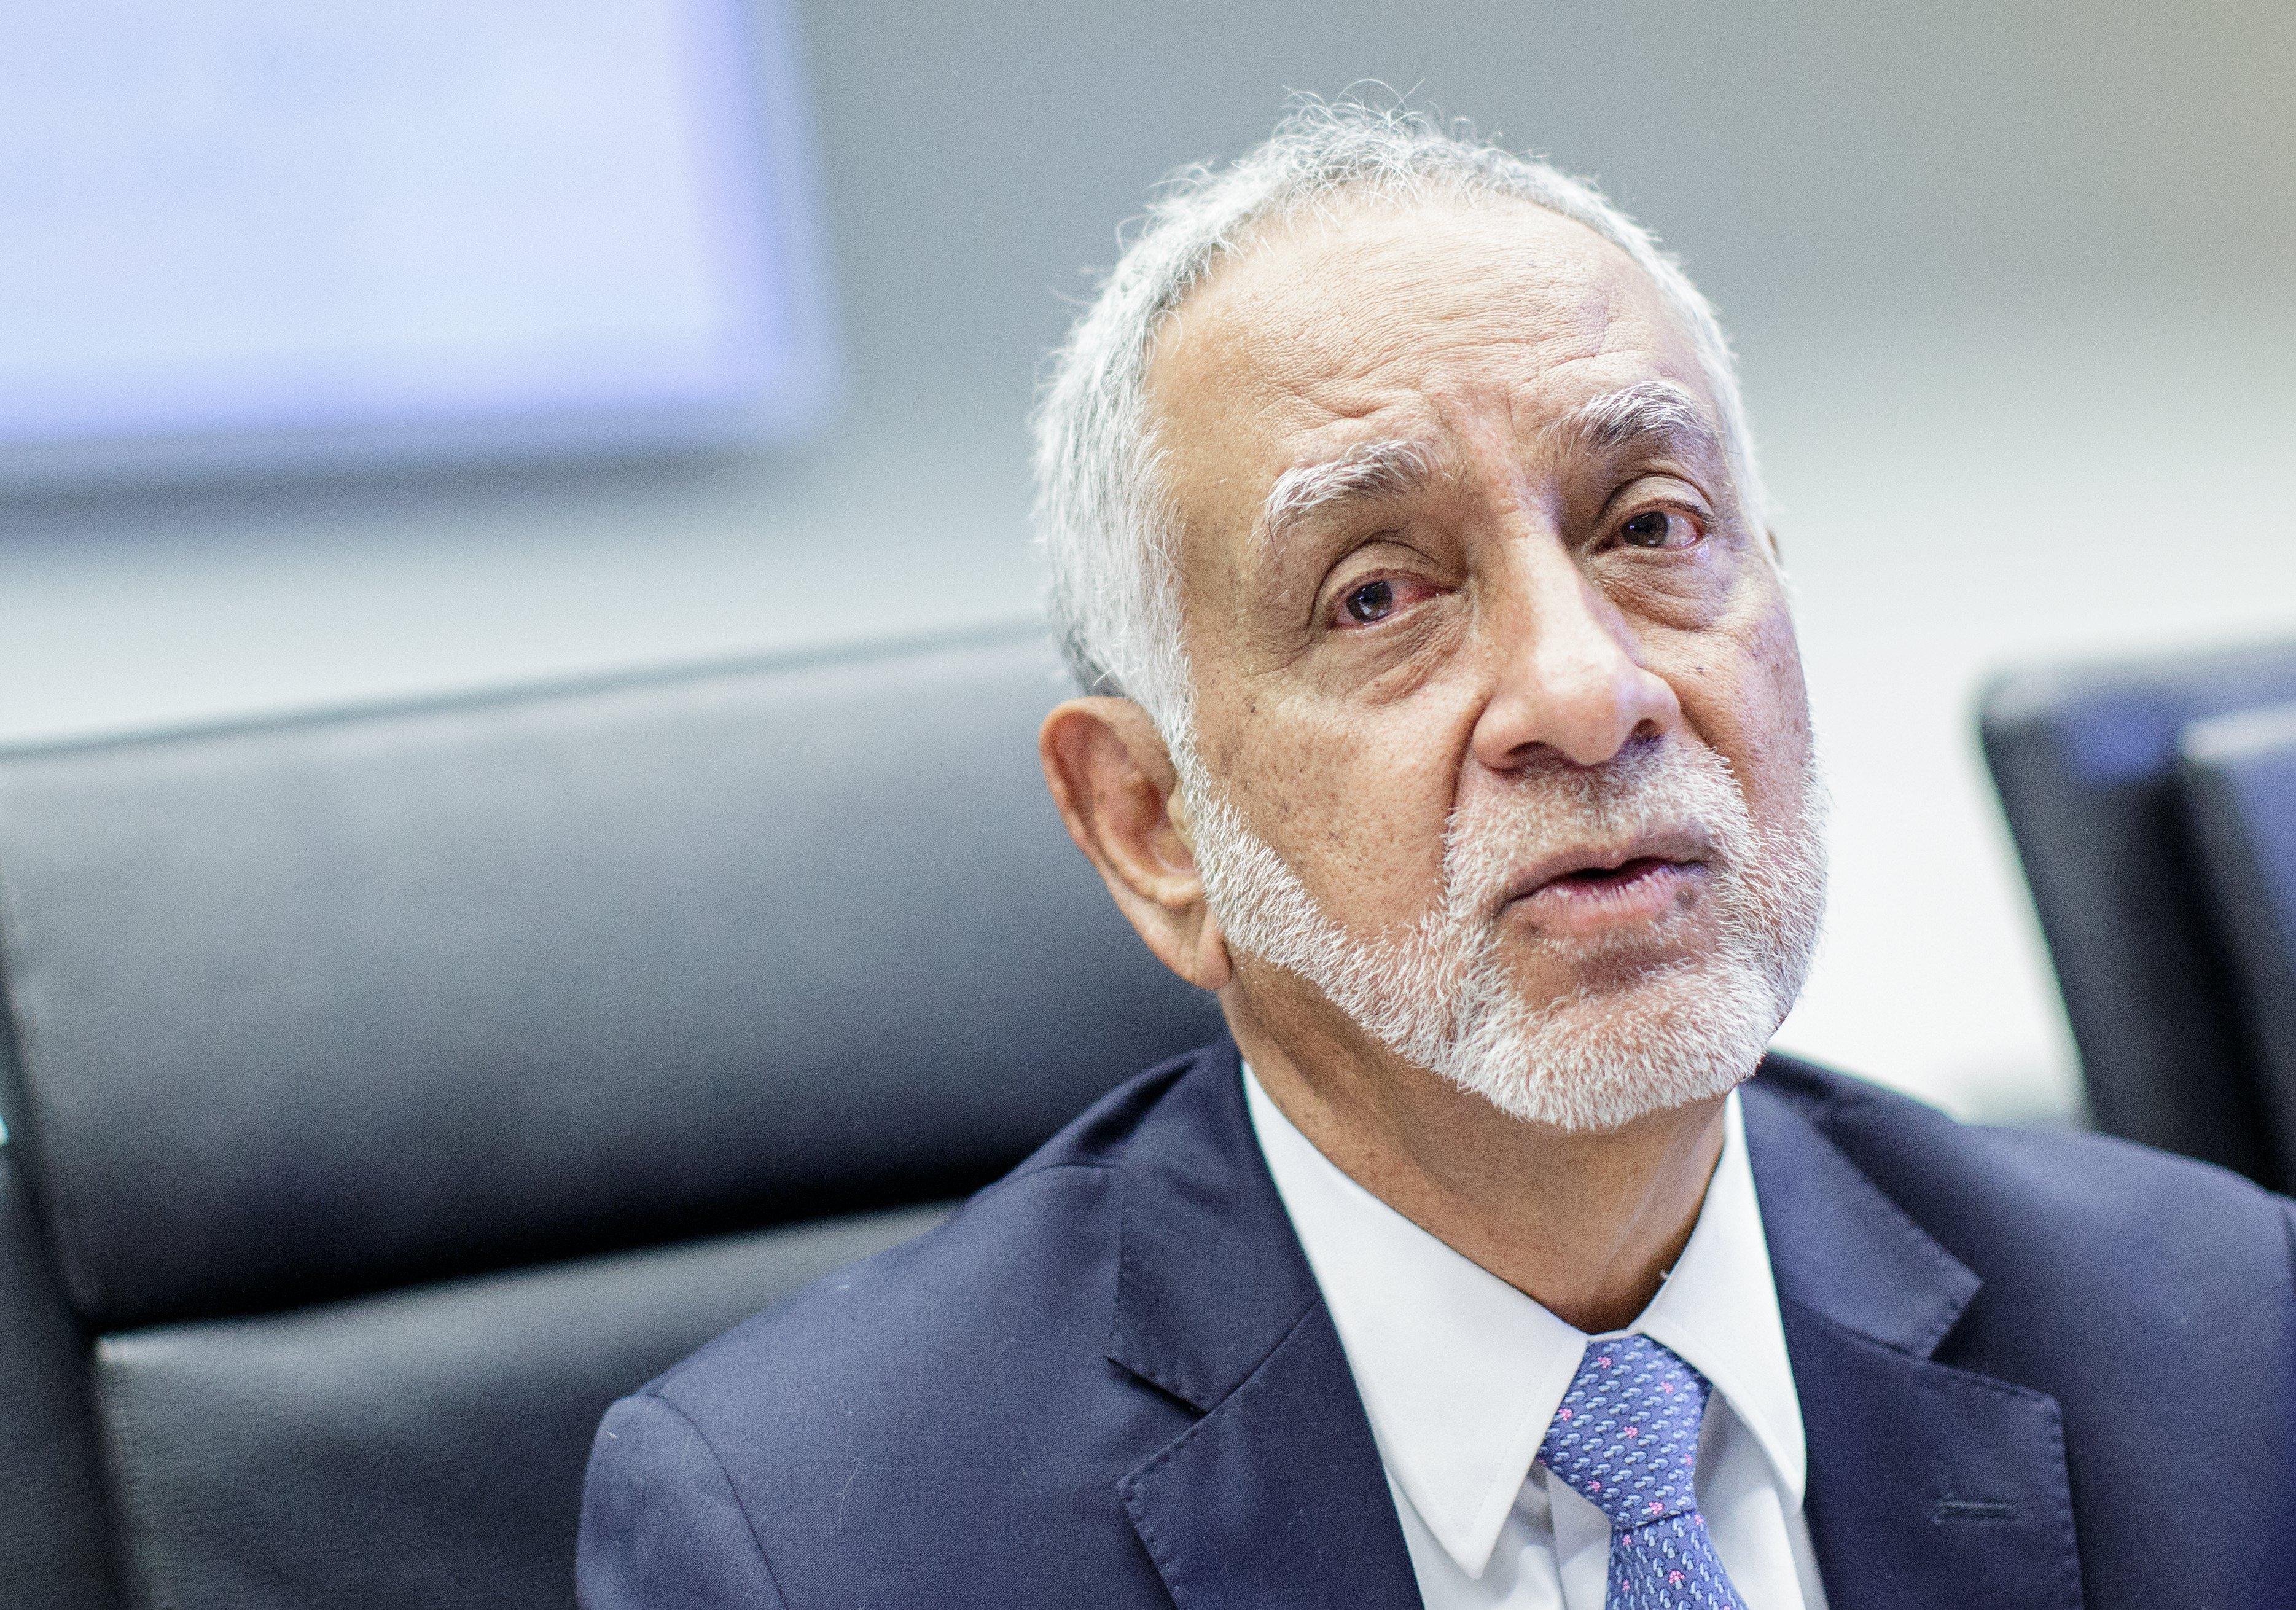 وزير النفط في الاكوادور: الاوبك ستناقش إمكانية زيادة الانتاج